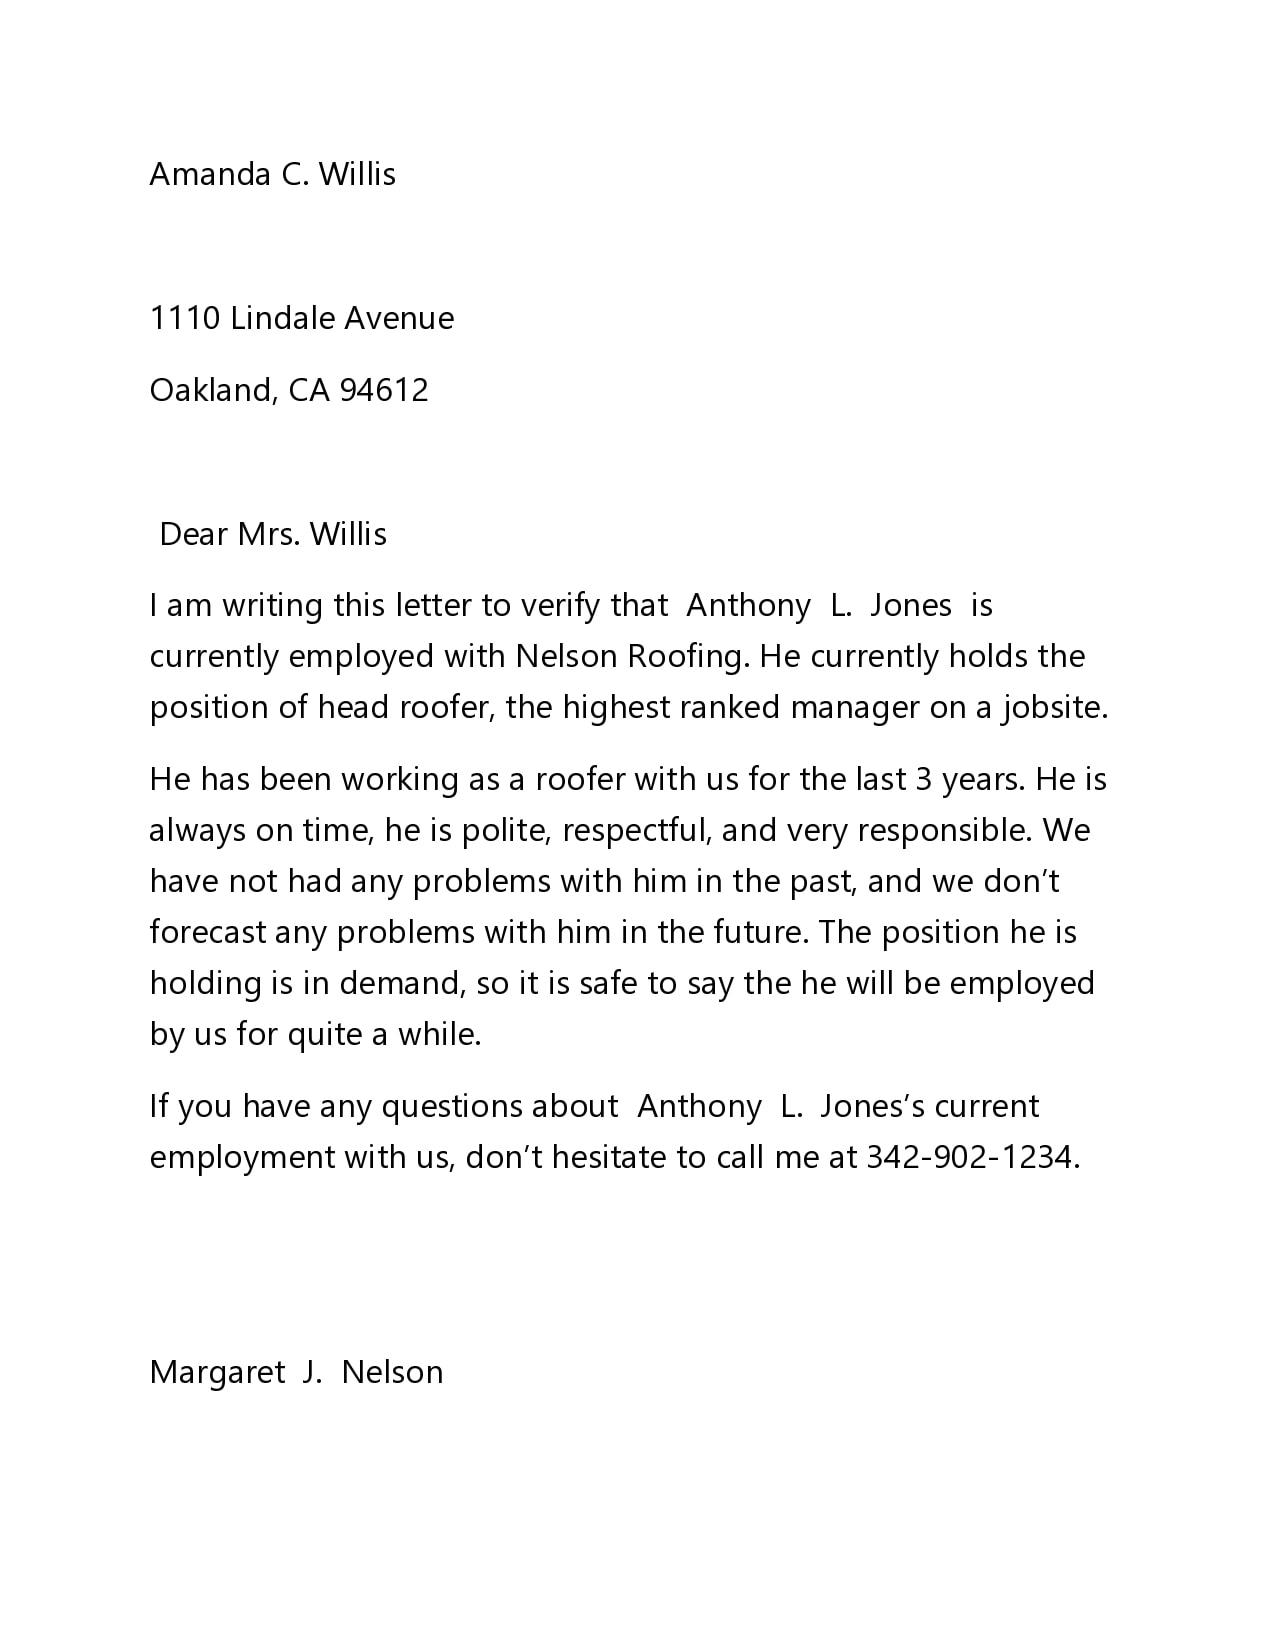 employment verification letter 20